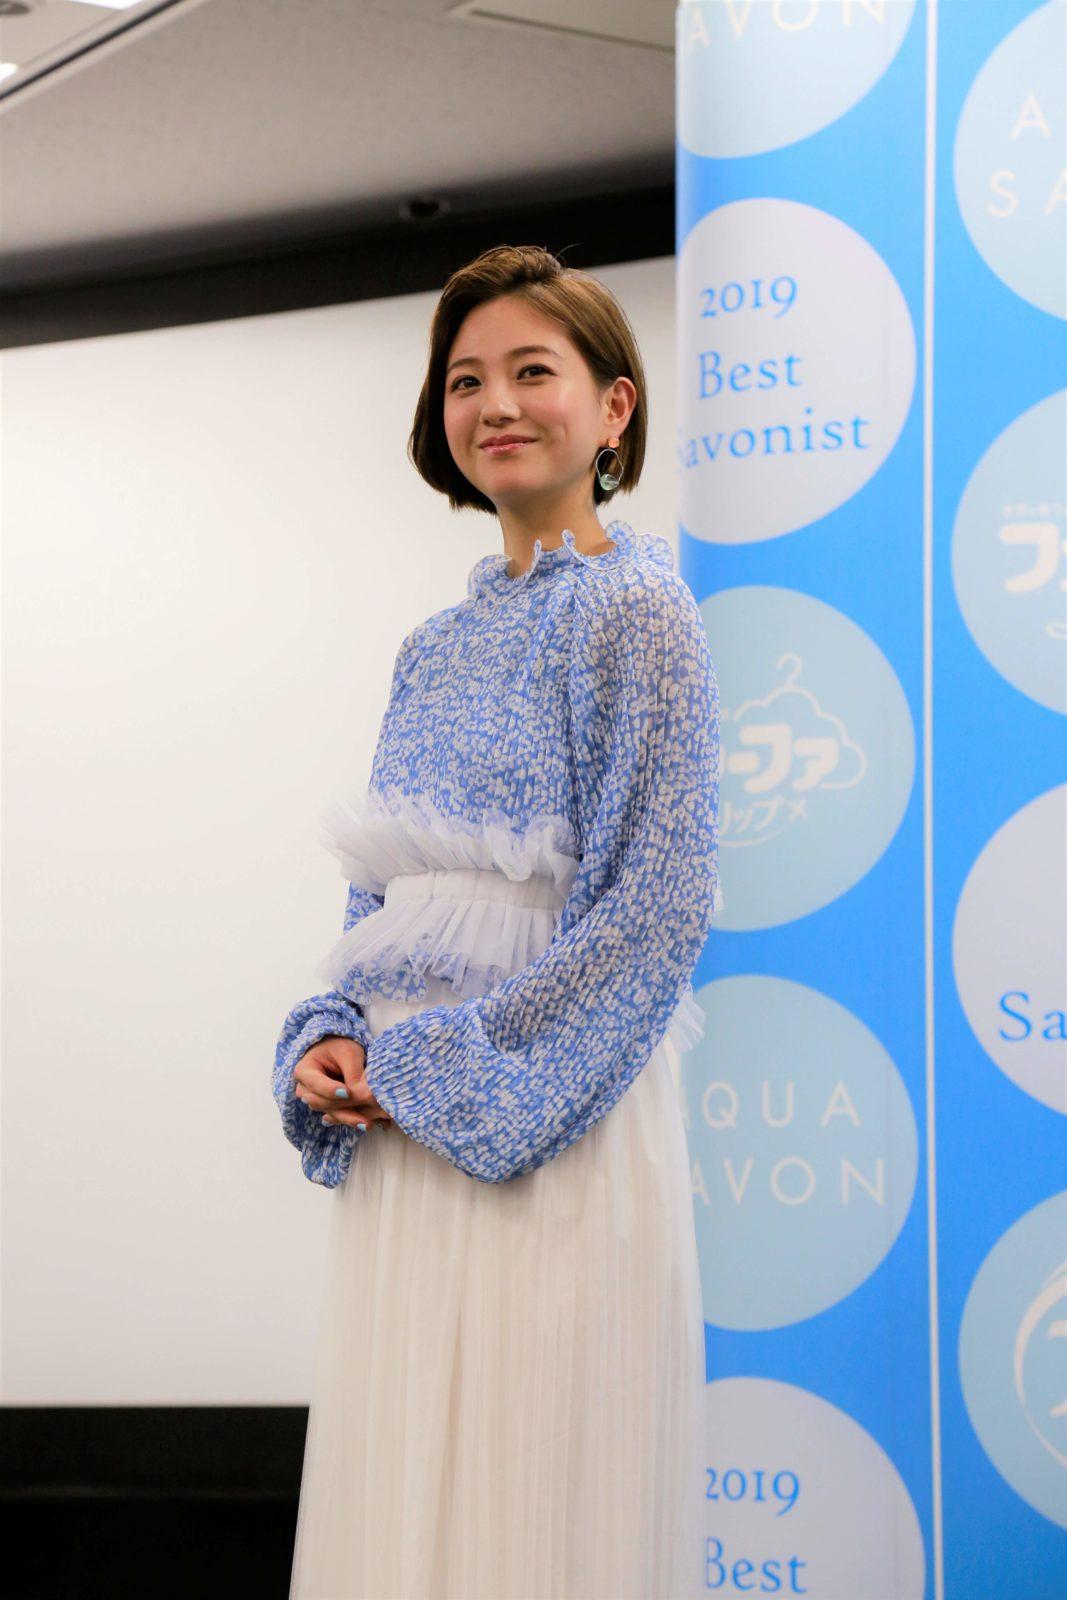 伊藤千晃が「ベストシャボニスト」を初受賞サムネイル画像